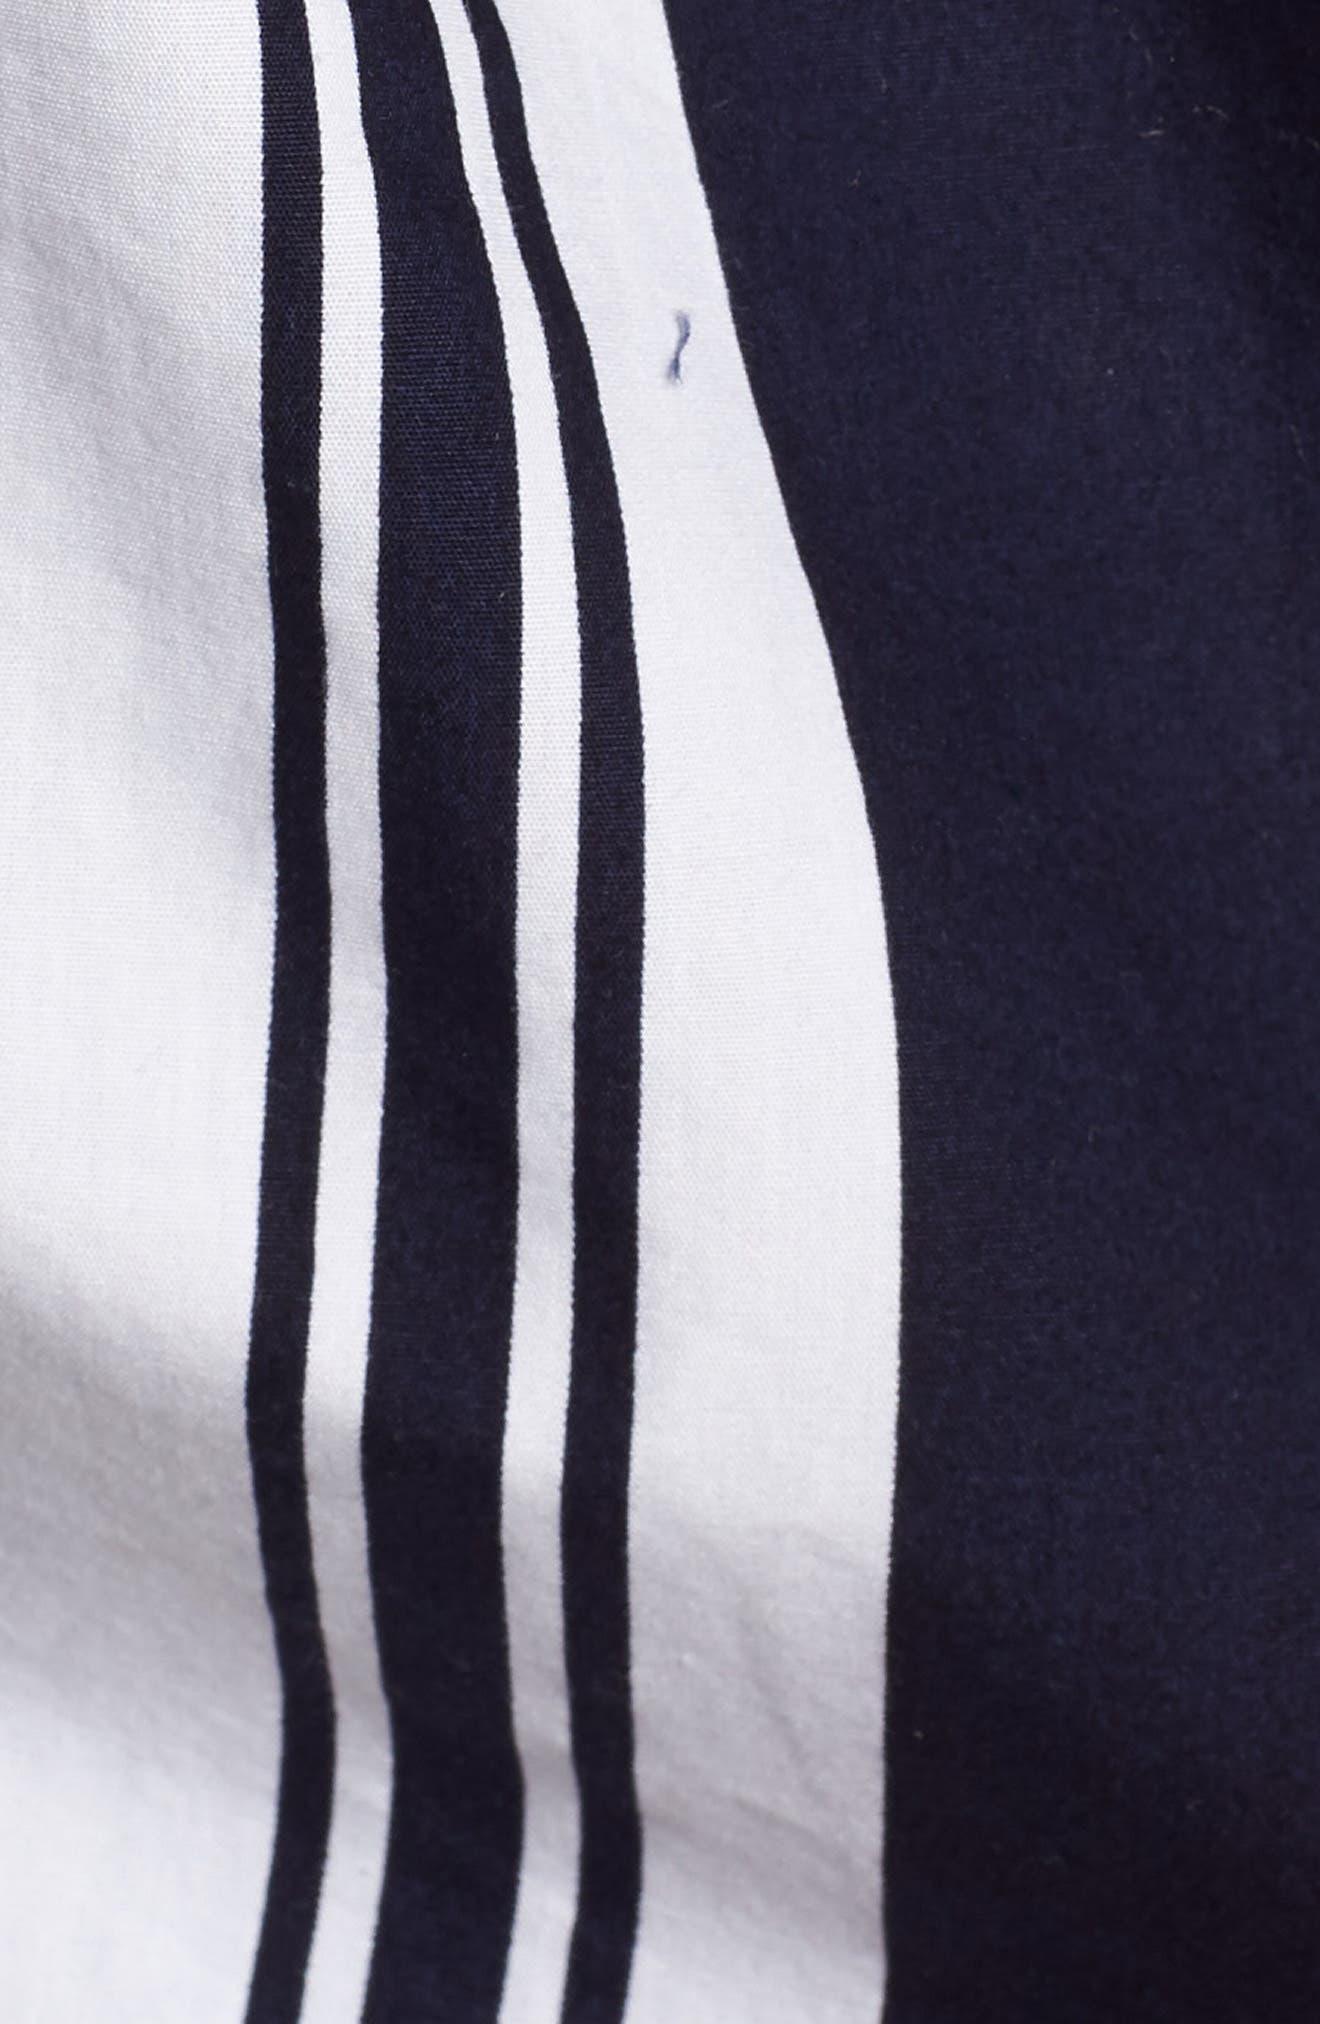 Stripe Poplin Halter Top,                             Alternate thumbnail 6, color,                             Navy Peacoat Umbrella Stripe